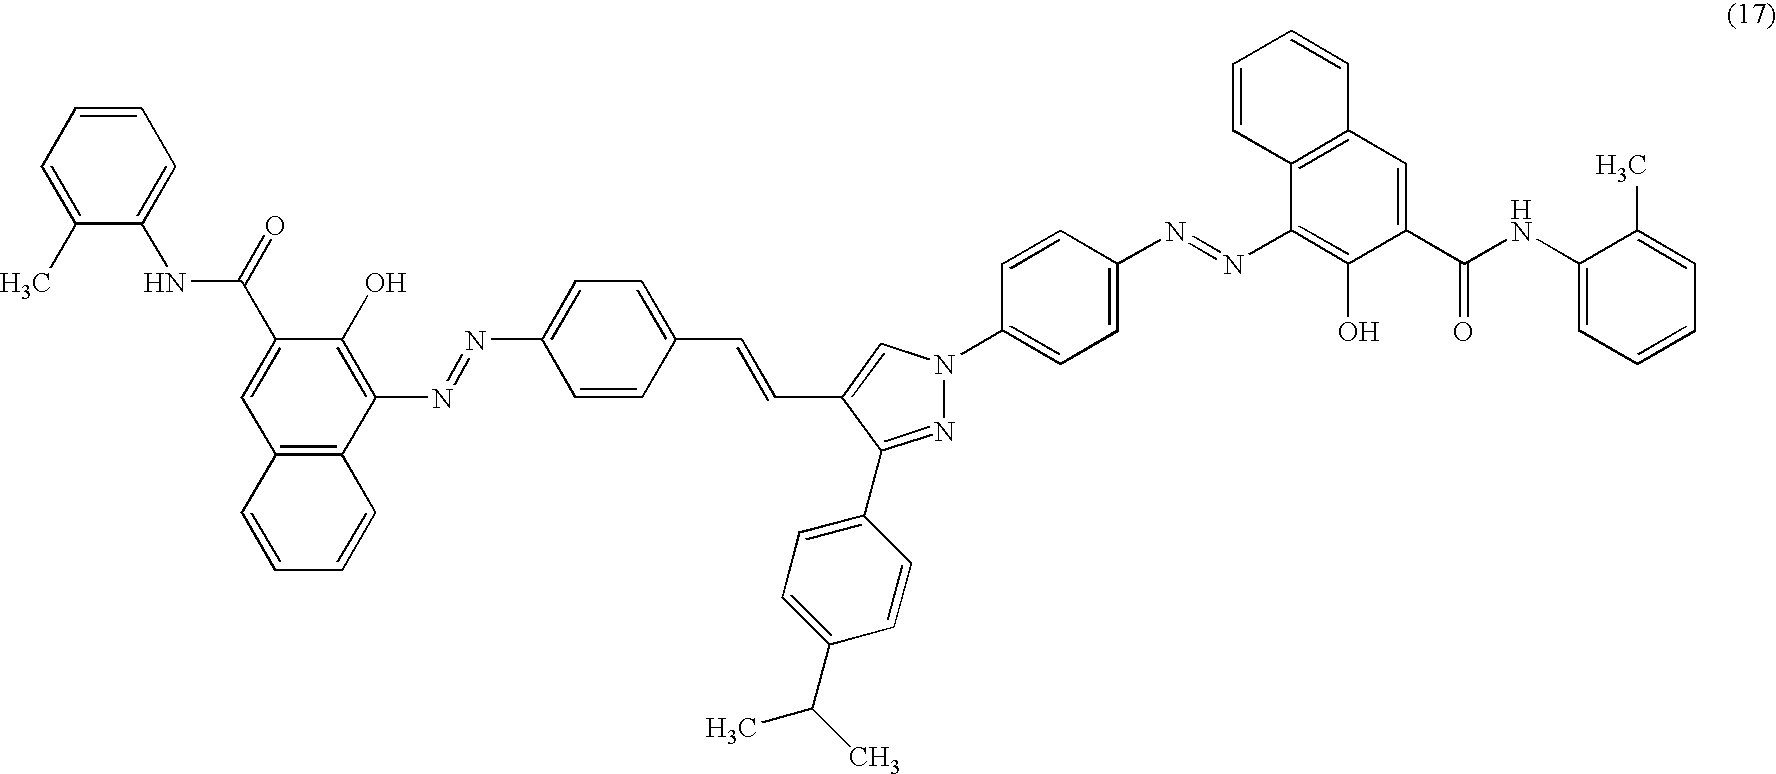 Figure US07794907-20100914-C00344